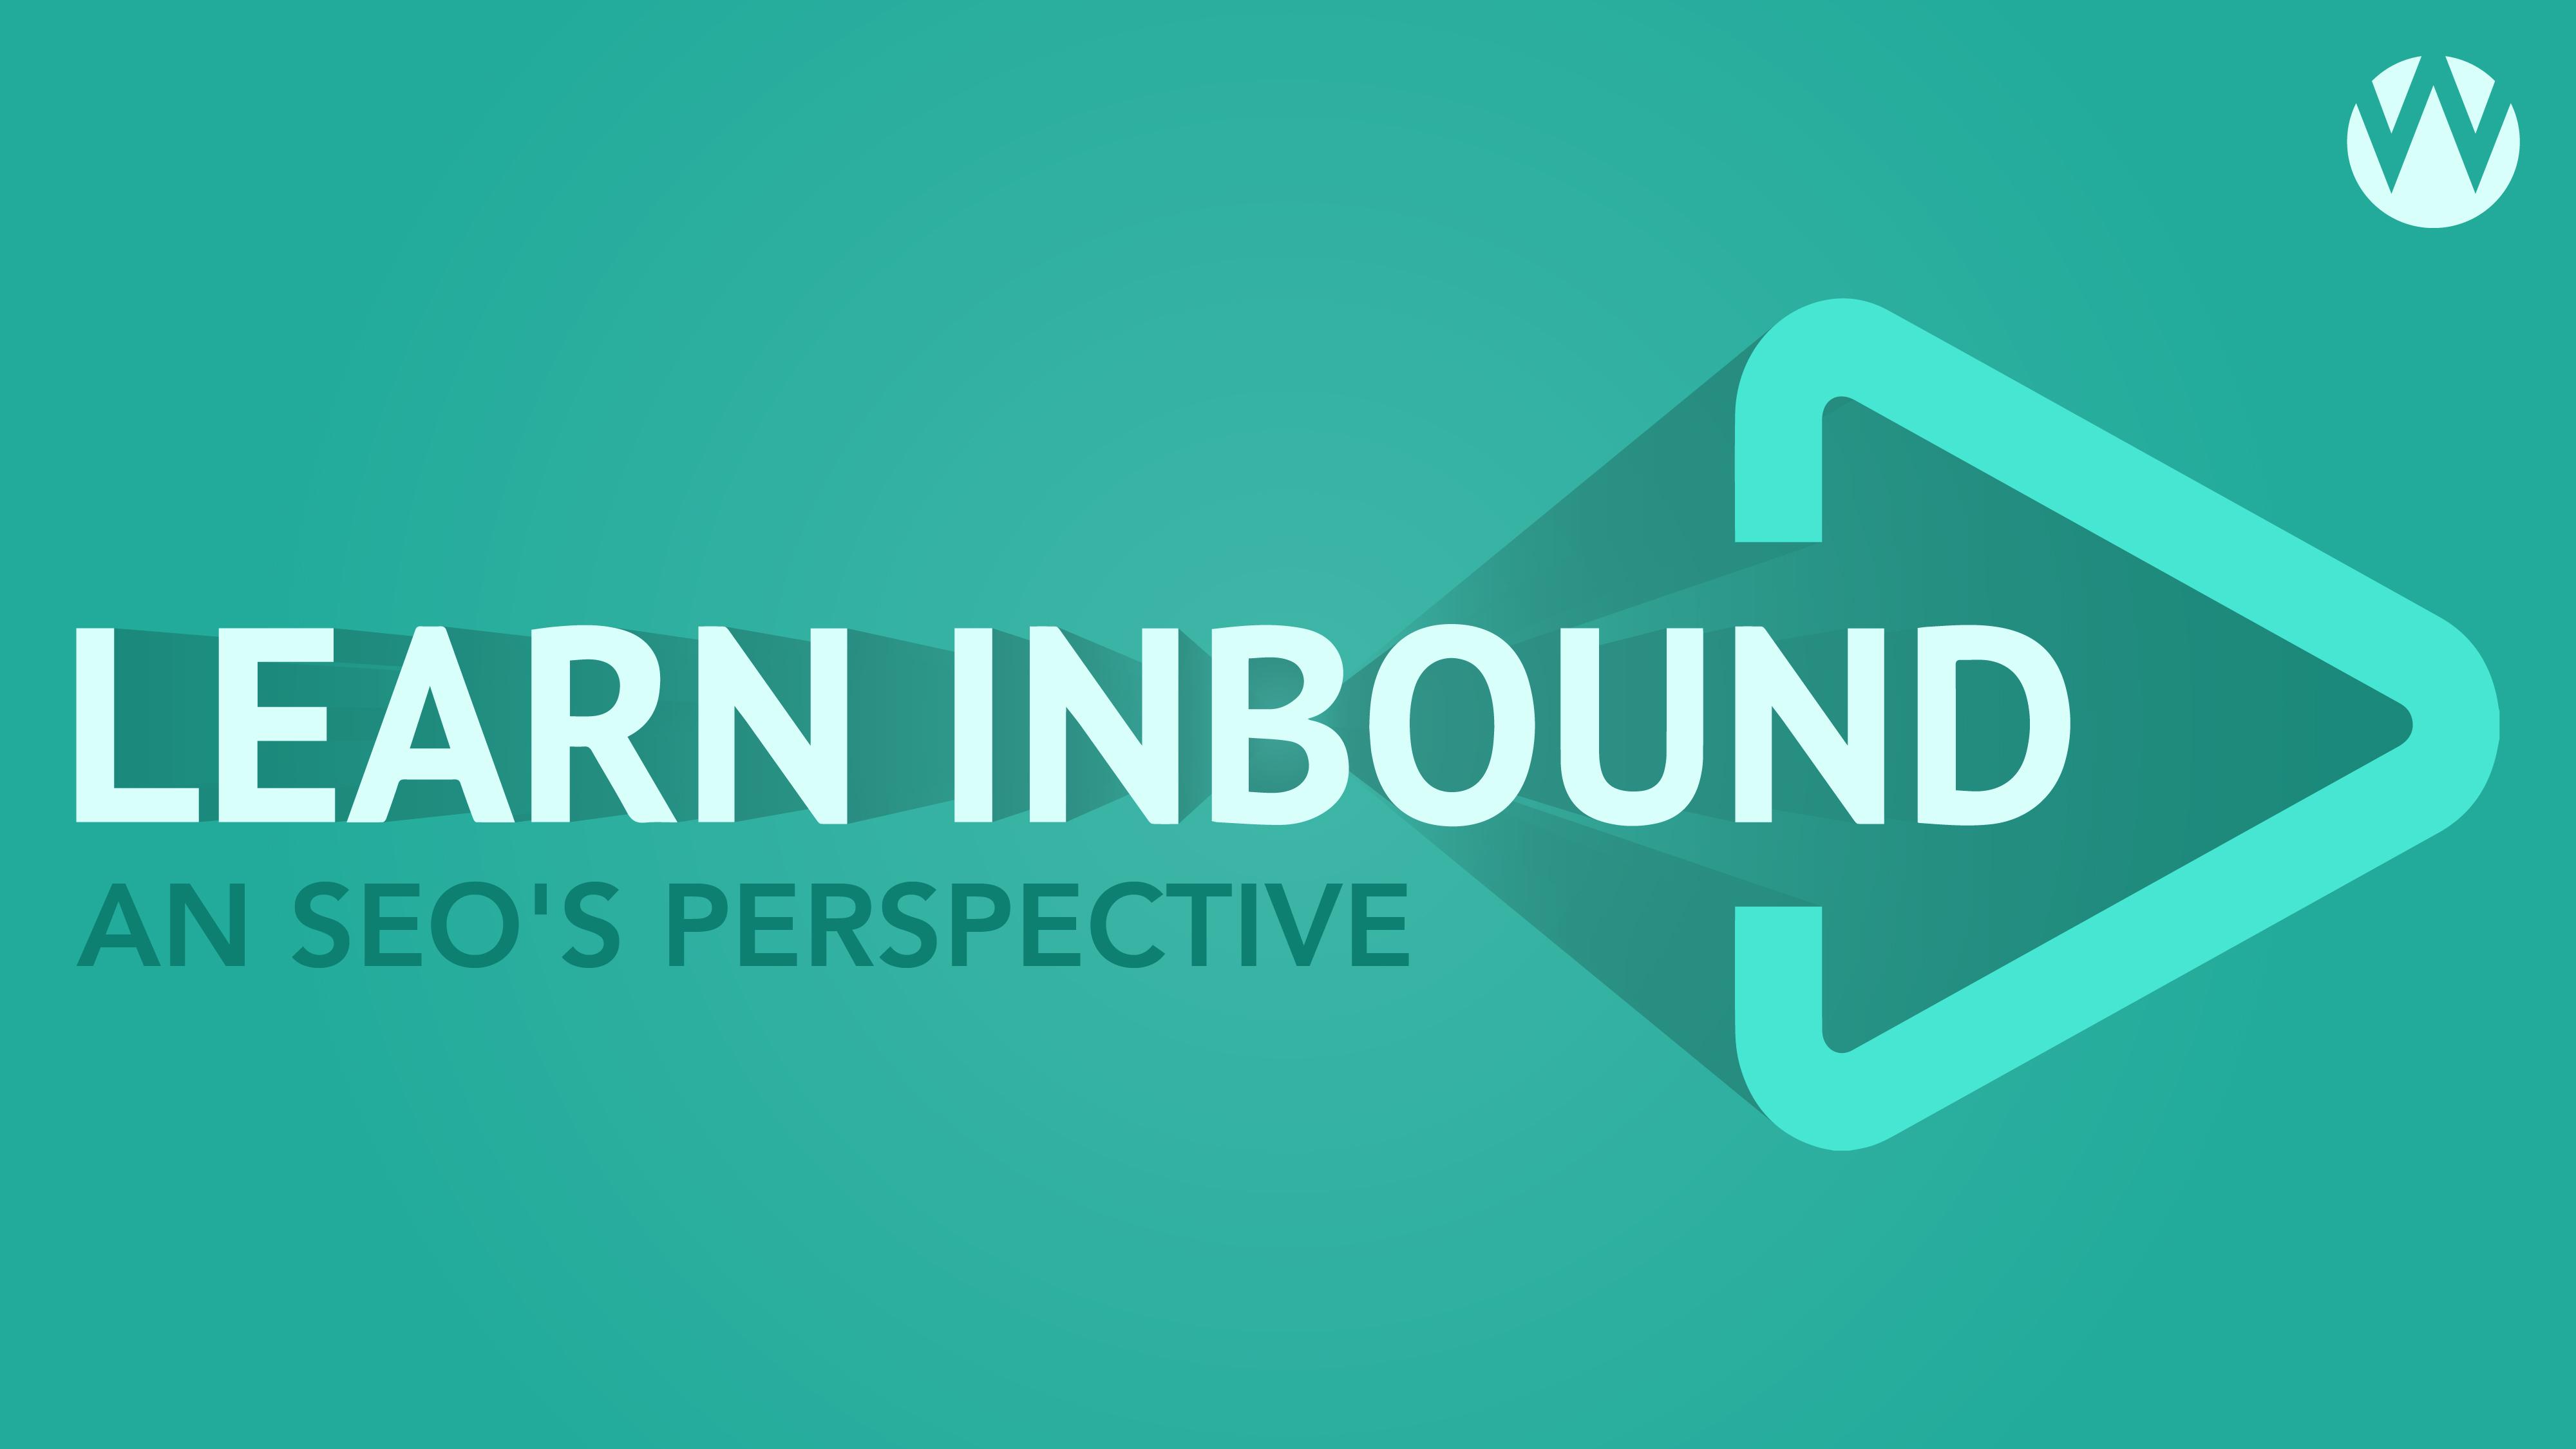 Learn Inbound Dublin 2018 Key Takeaways